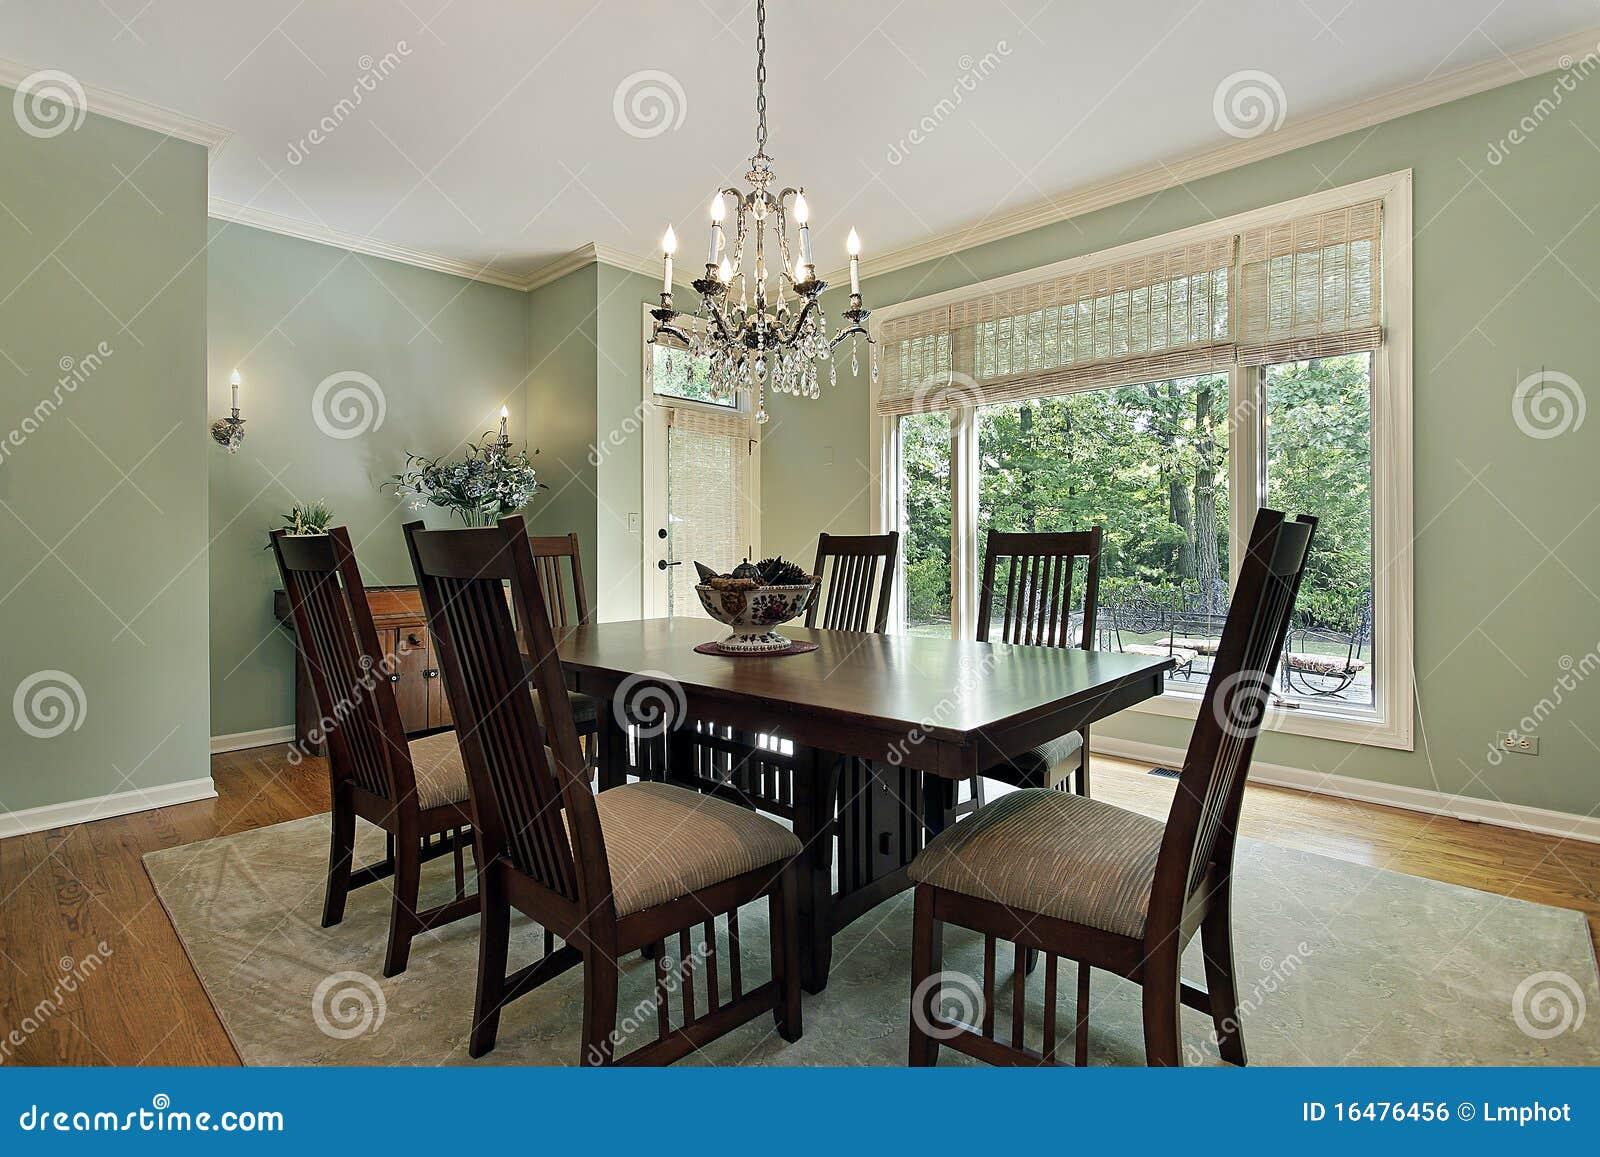 Eetkamer met groene muren royalty vrije stock afbeelding ...